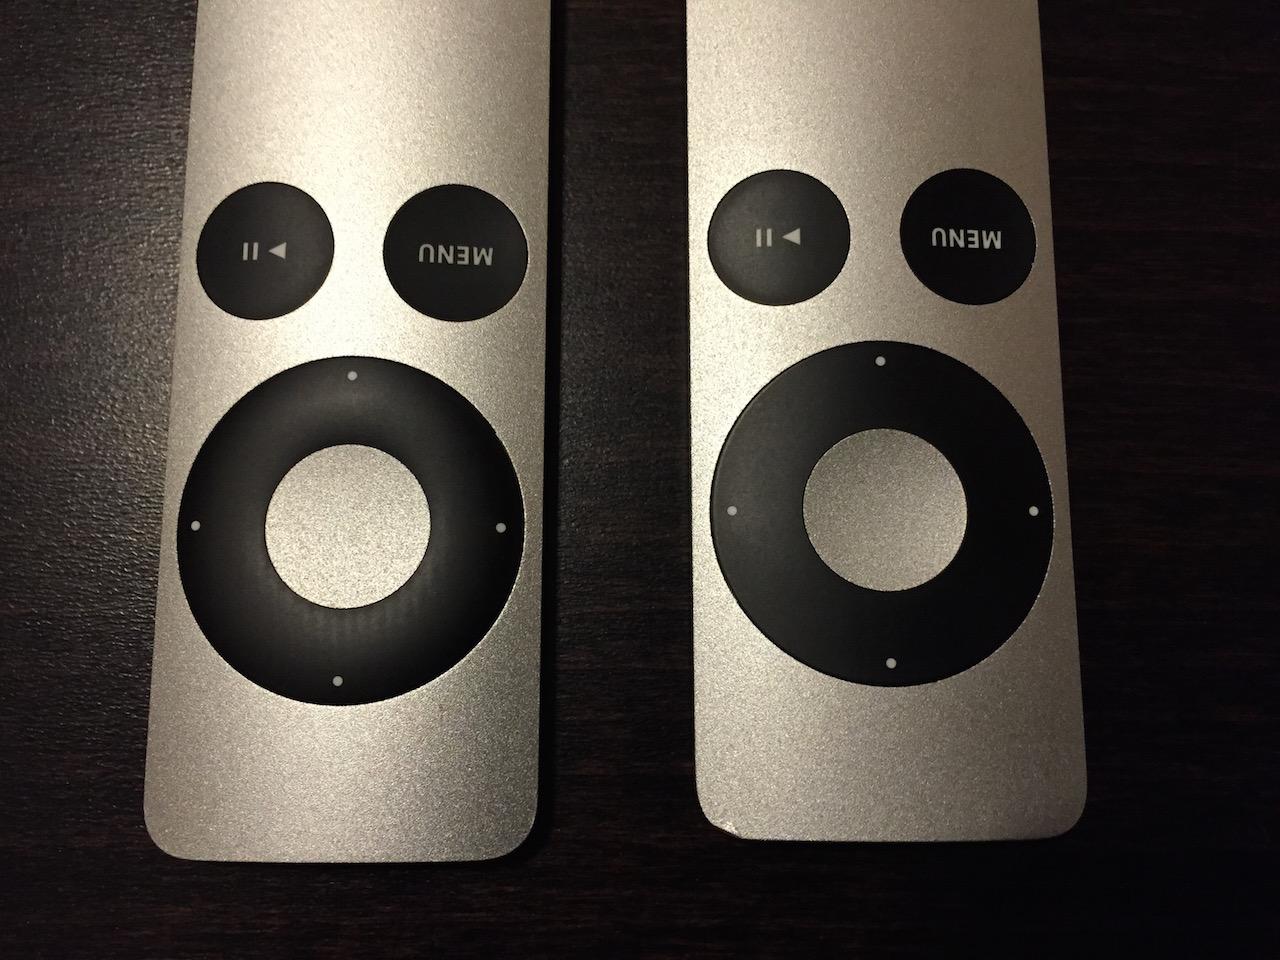 Die unterschiedlichen Apple Remote Fernbedienungen (links die neuere)